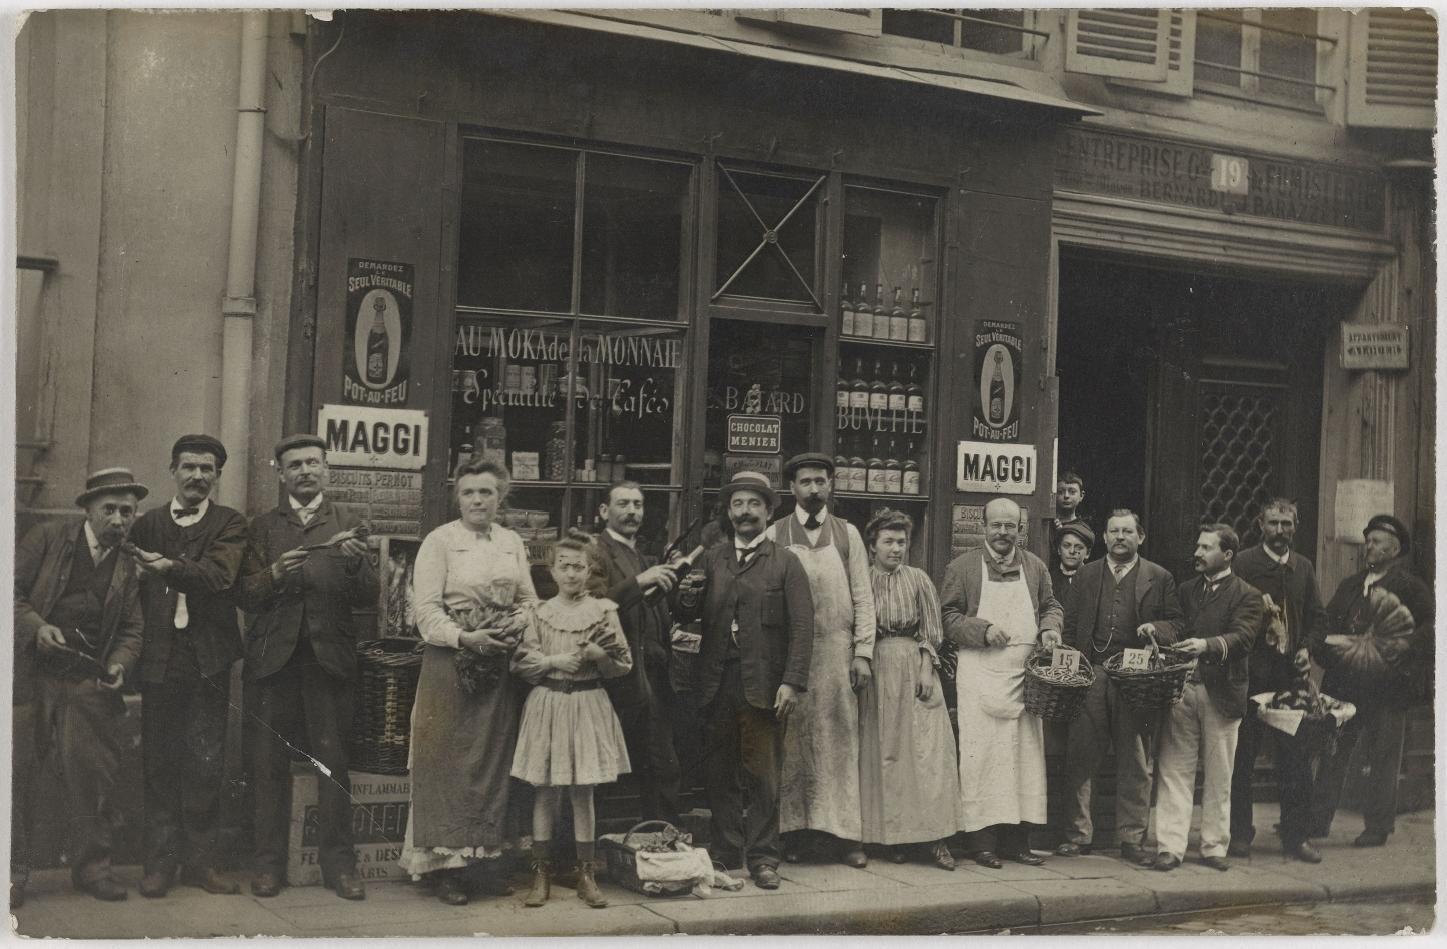 1906. Продукты и алкоголь. Дом Е. Батар, 19, rue Guénégaud (6-й округ). Сейчас Секонд хенд